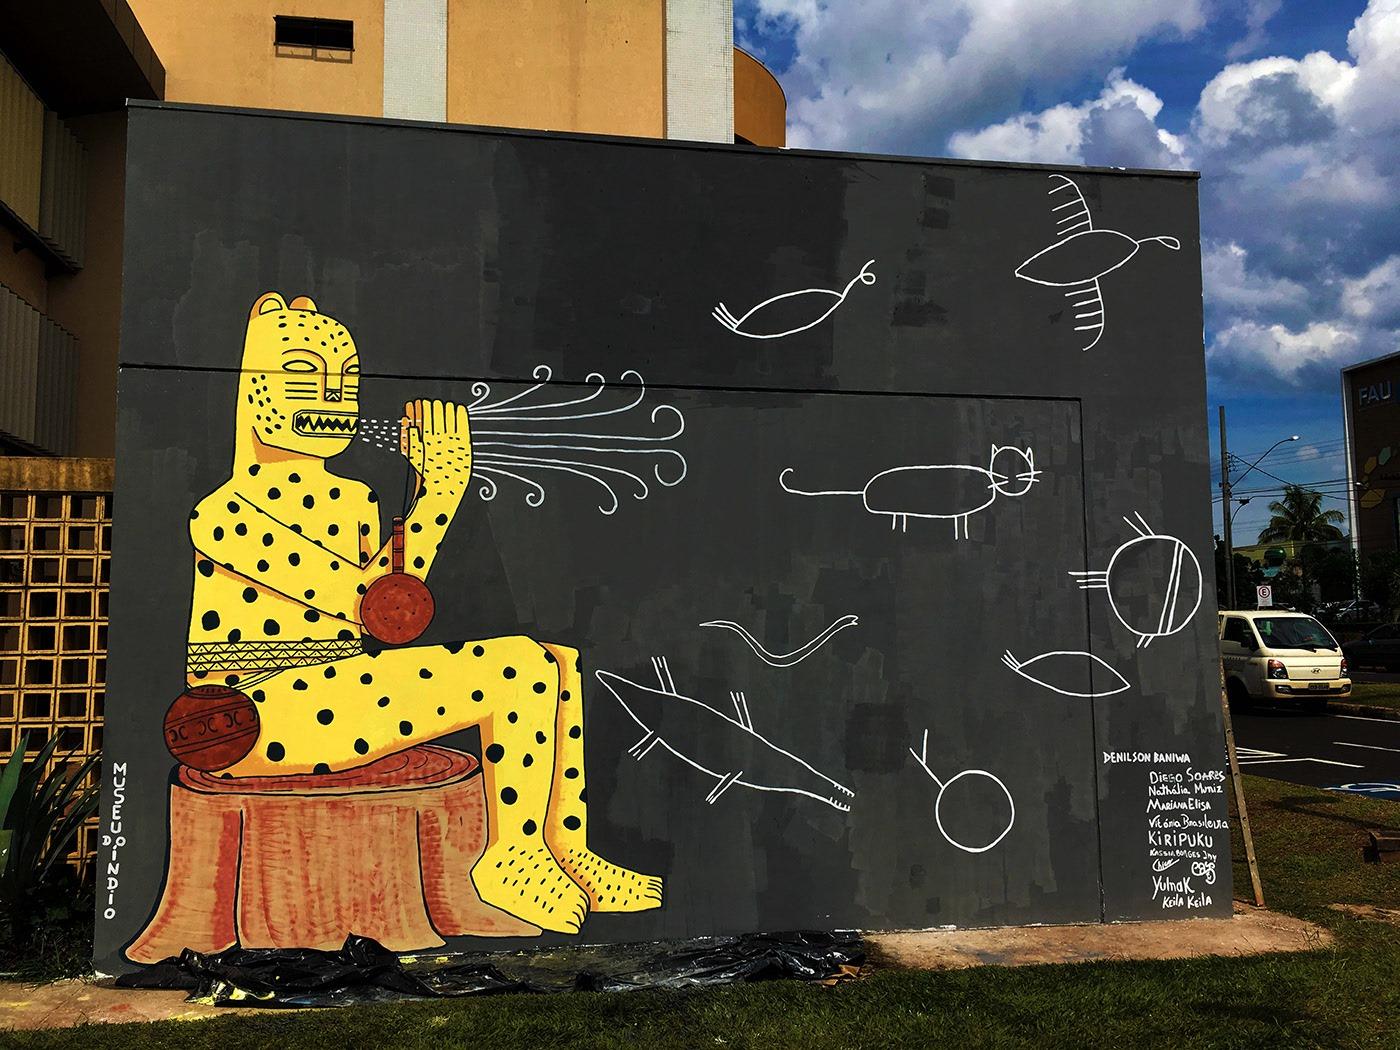 Yawarete-Paye-soprando-o-Universo-Grafite-Reitoria-da-UFU-Uberlandia-MG